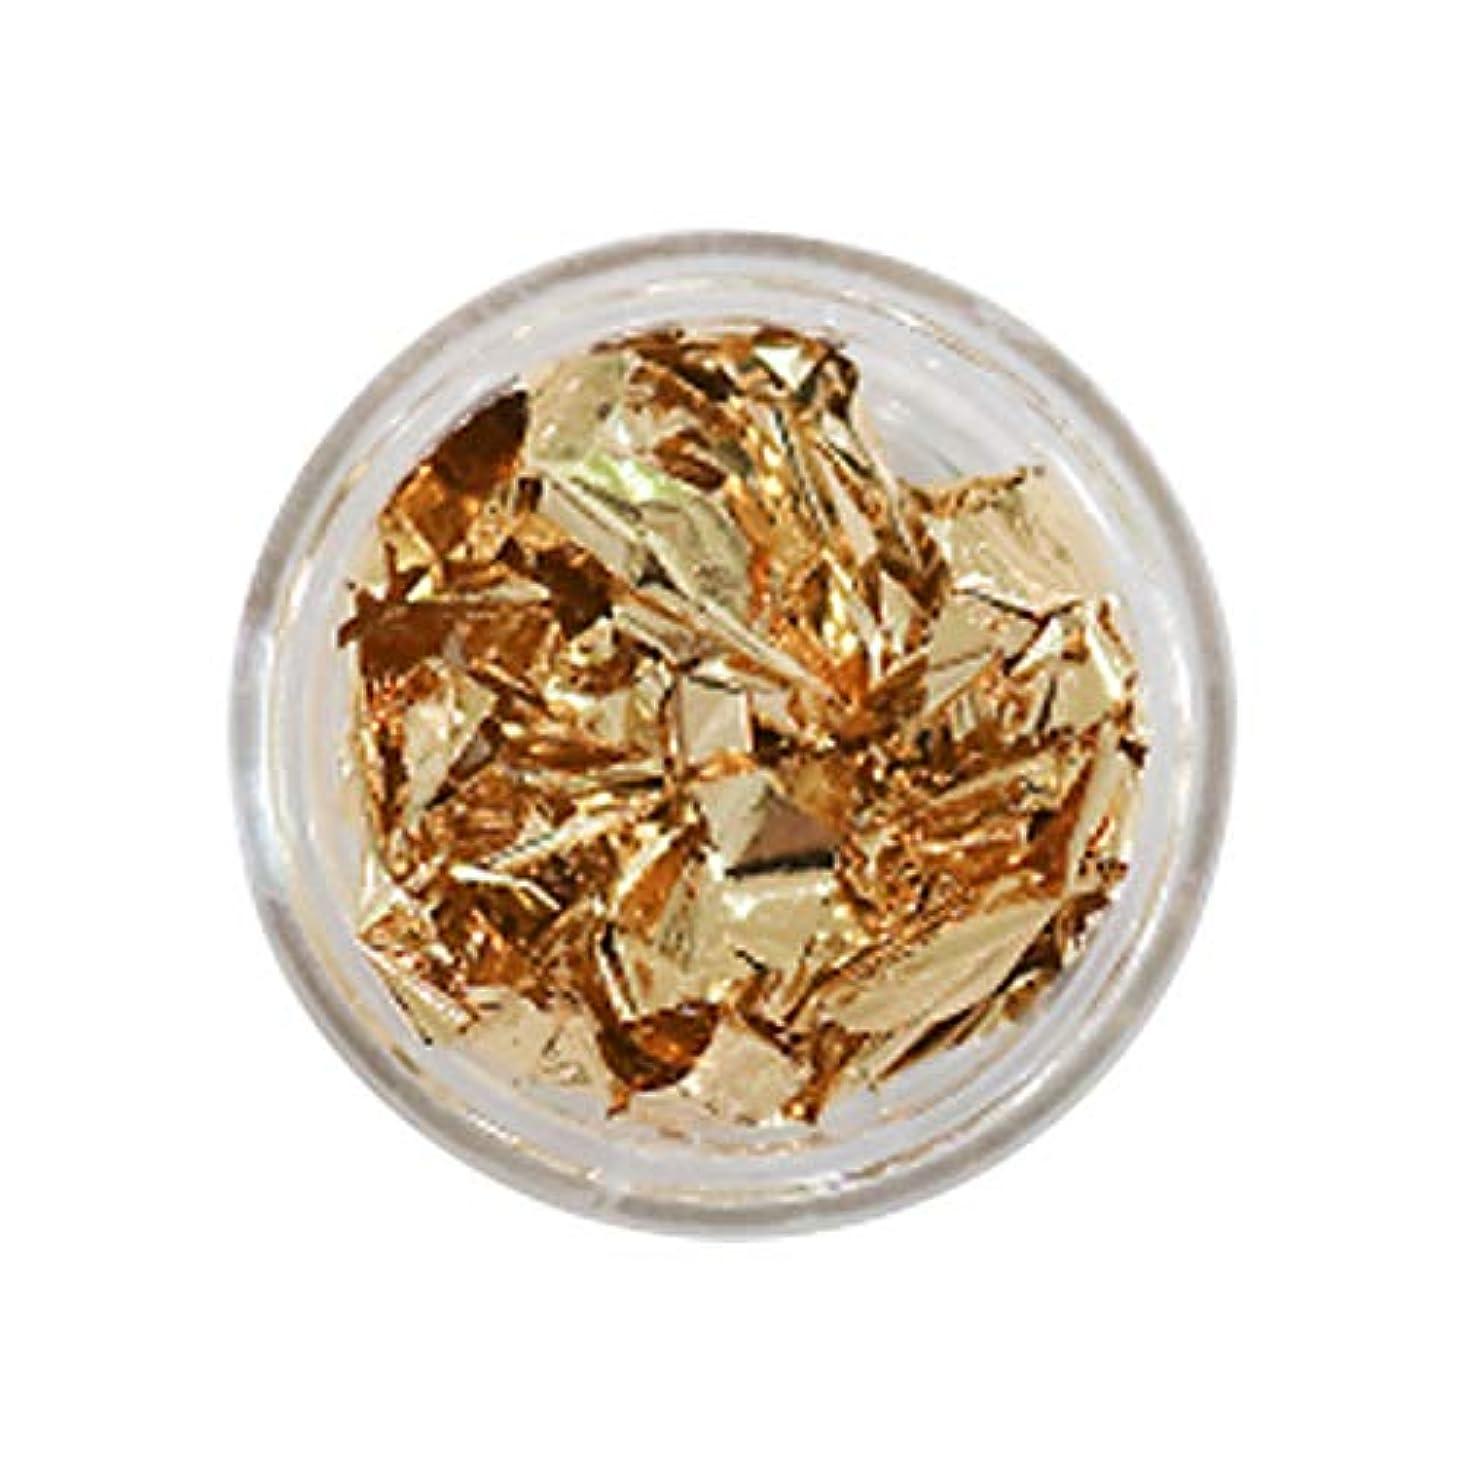 のスコアかもしれない不合格Bonnail(ボンネイル) 箔セレクション サンセットゴールド